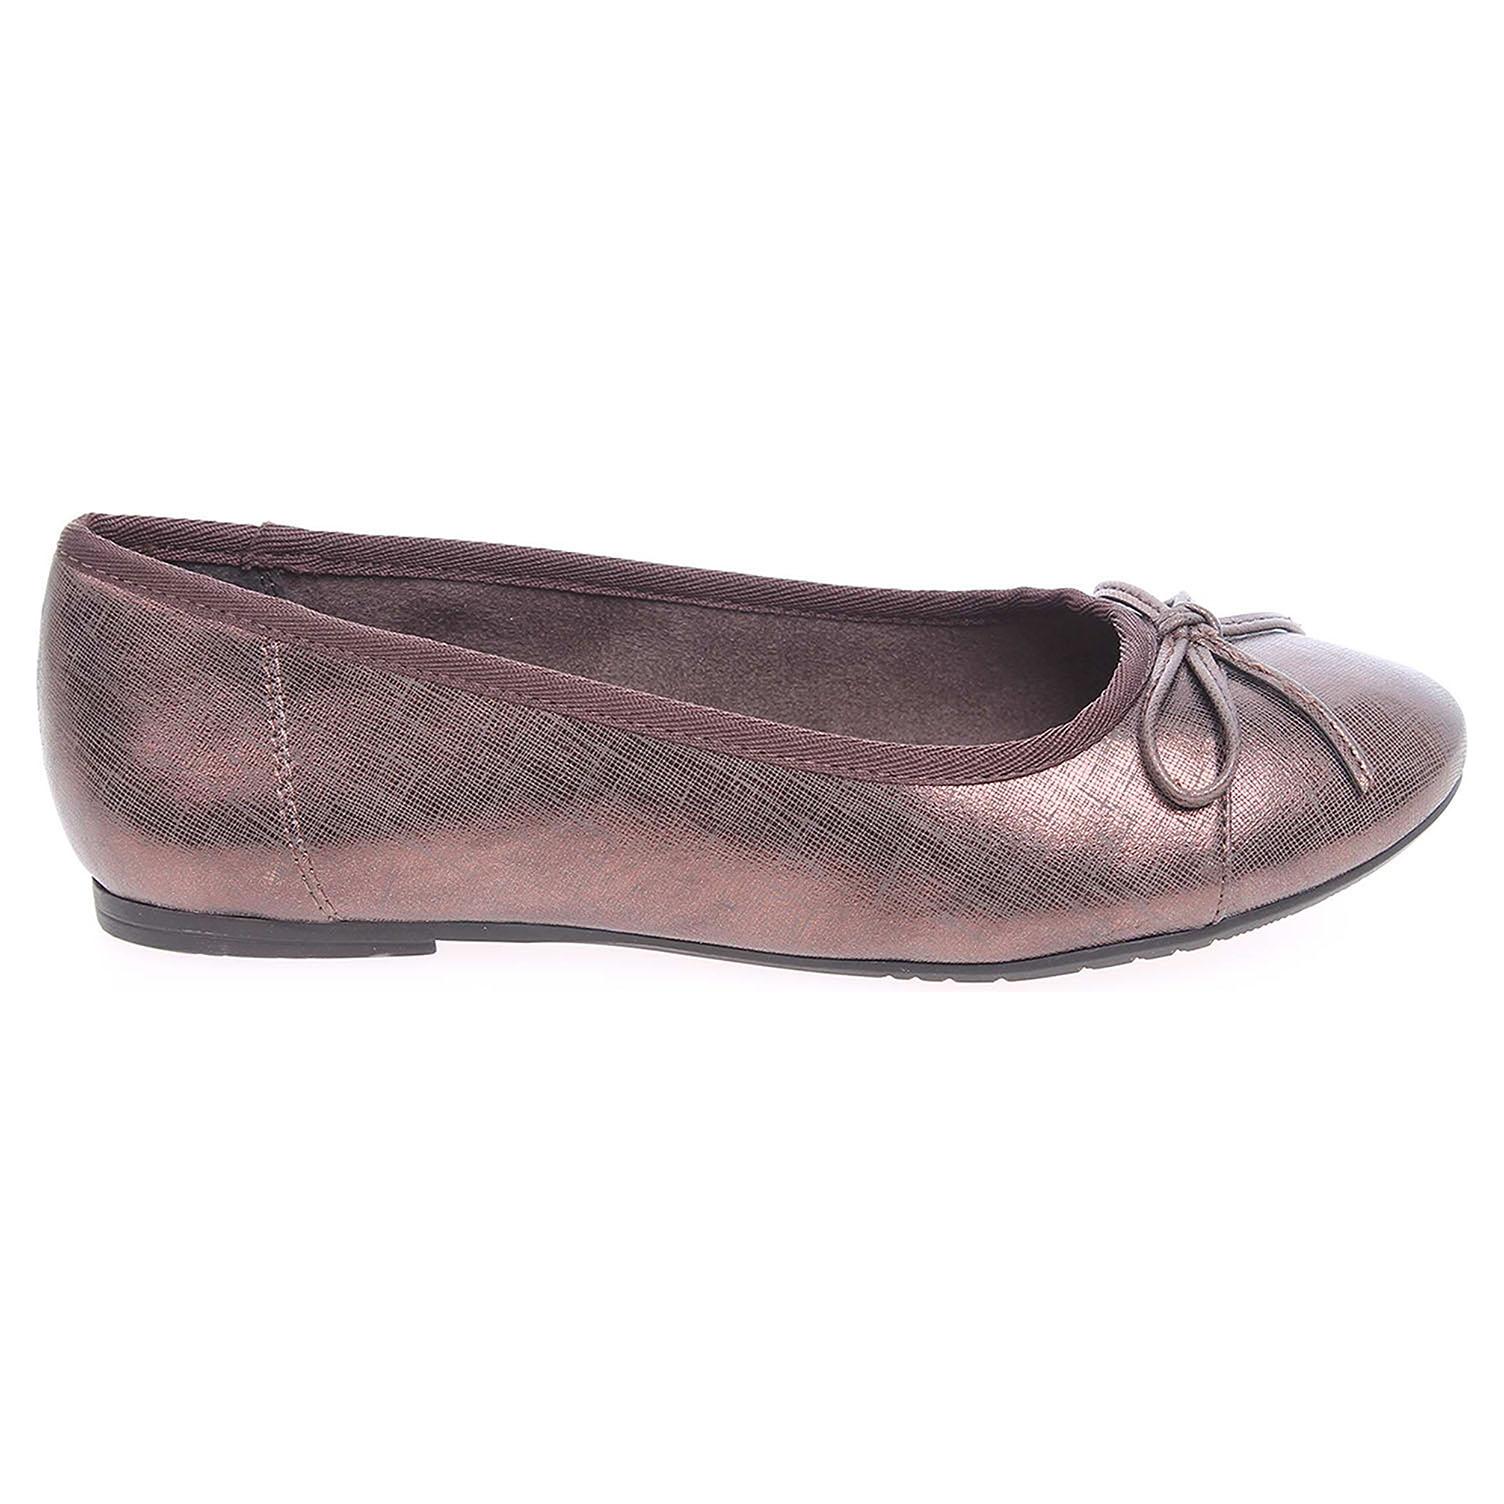 Ecco Tamaris dámské baleriny 1-22108-27 bronzové 23300828